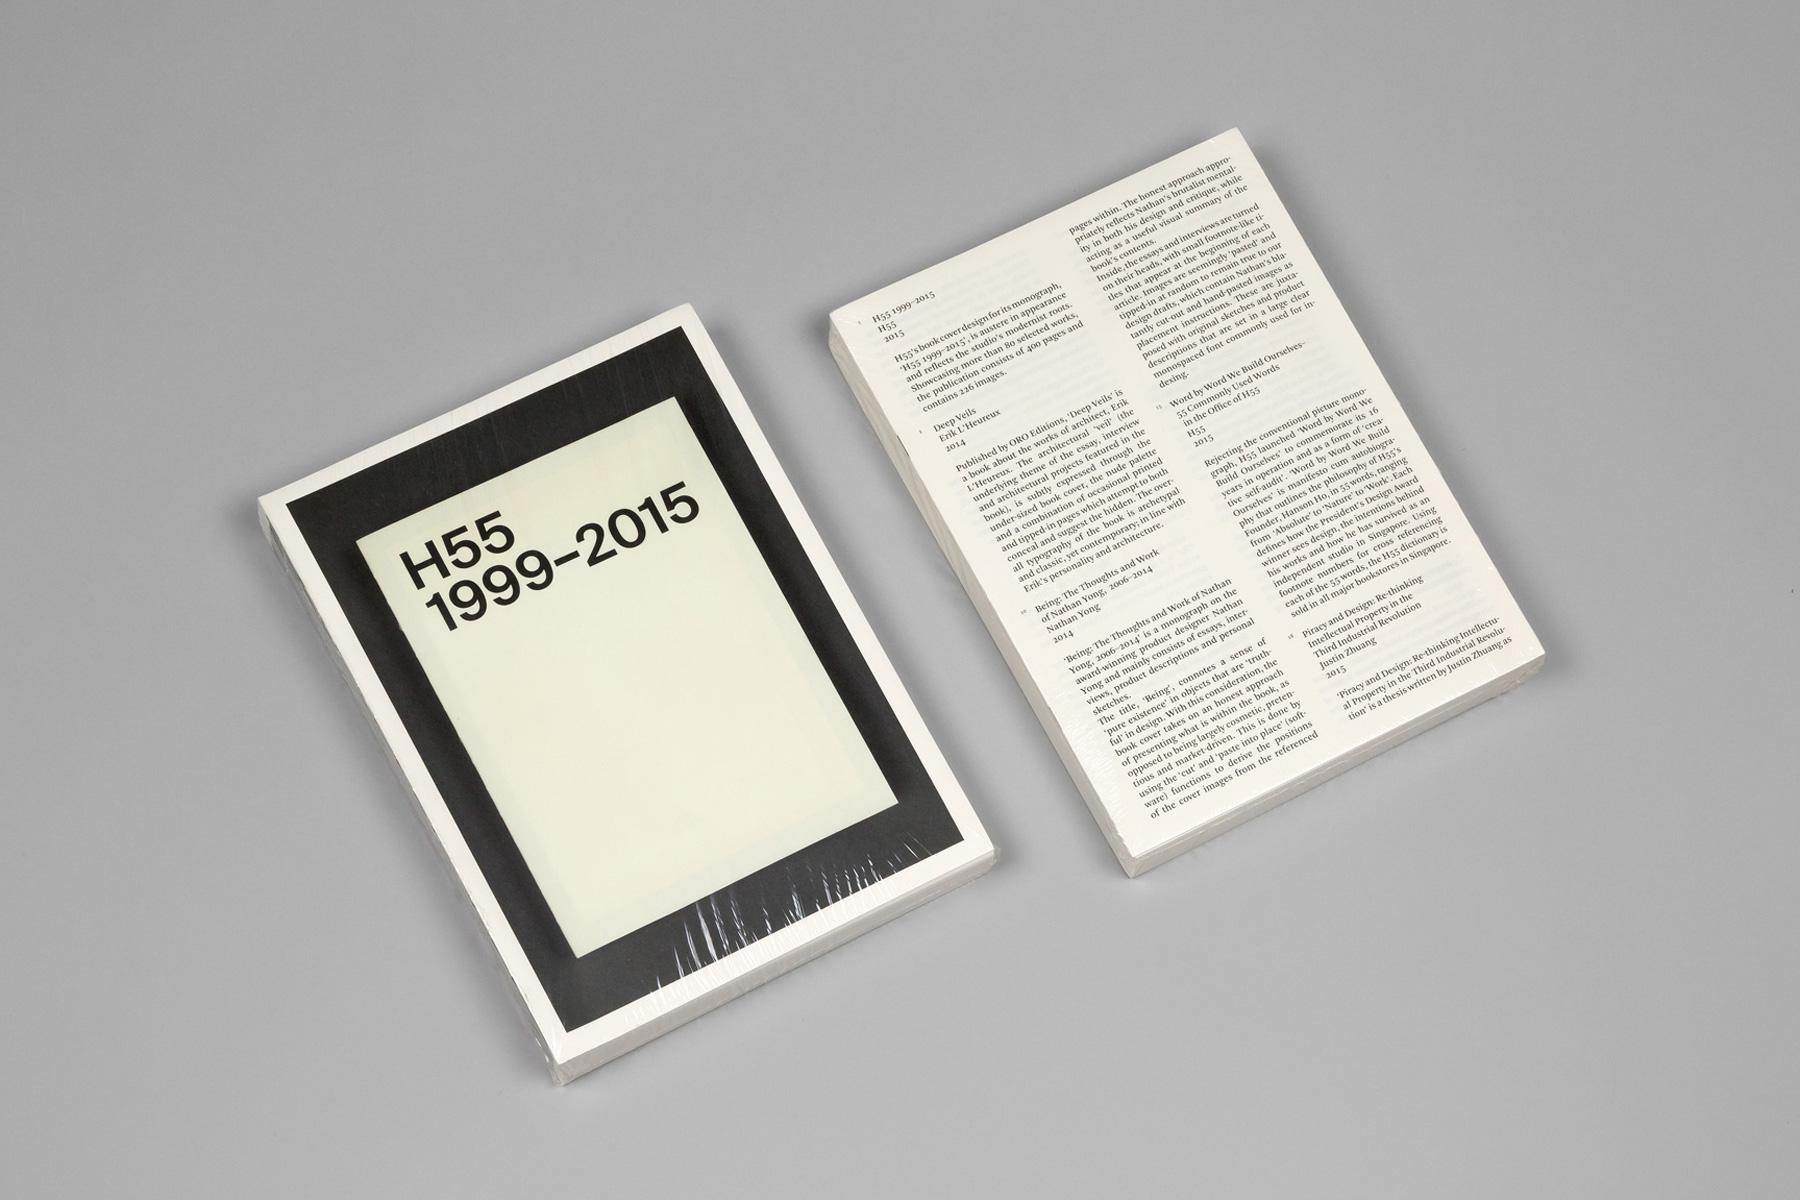 H55-1999-2015-Slide-1